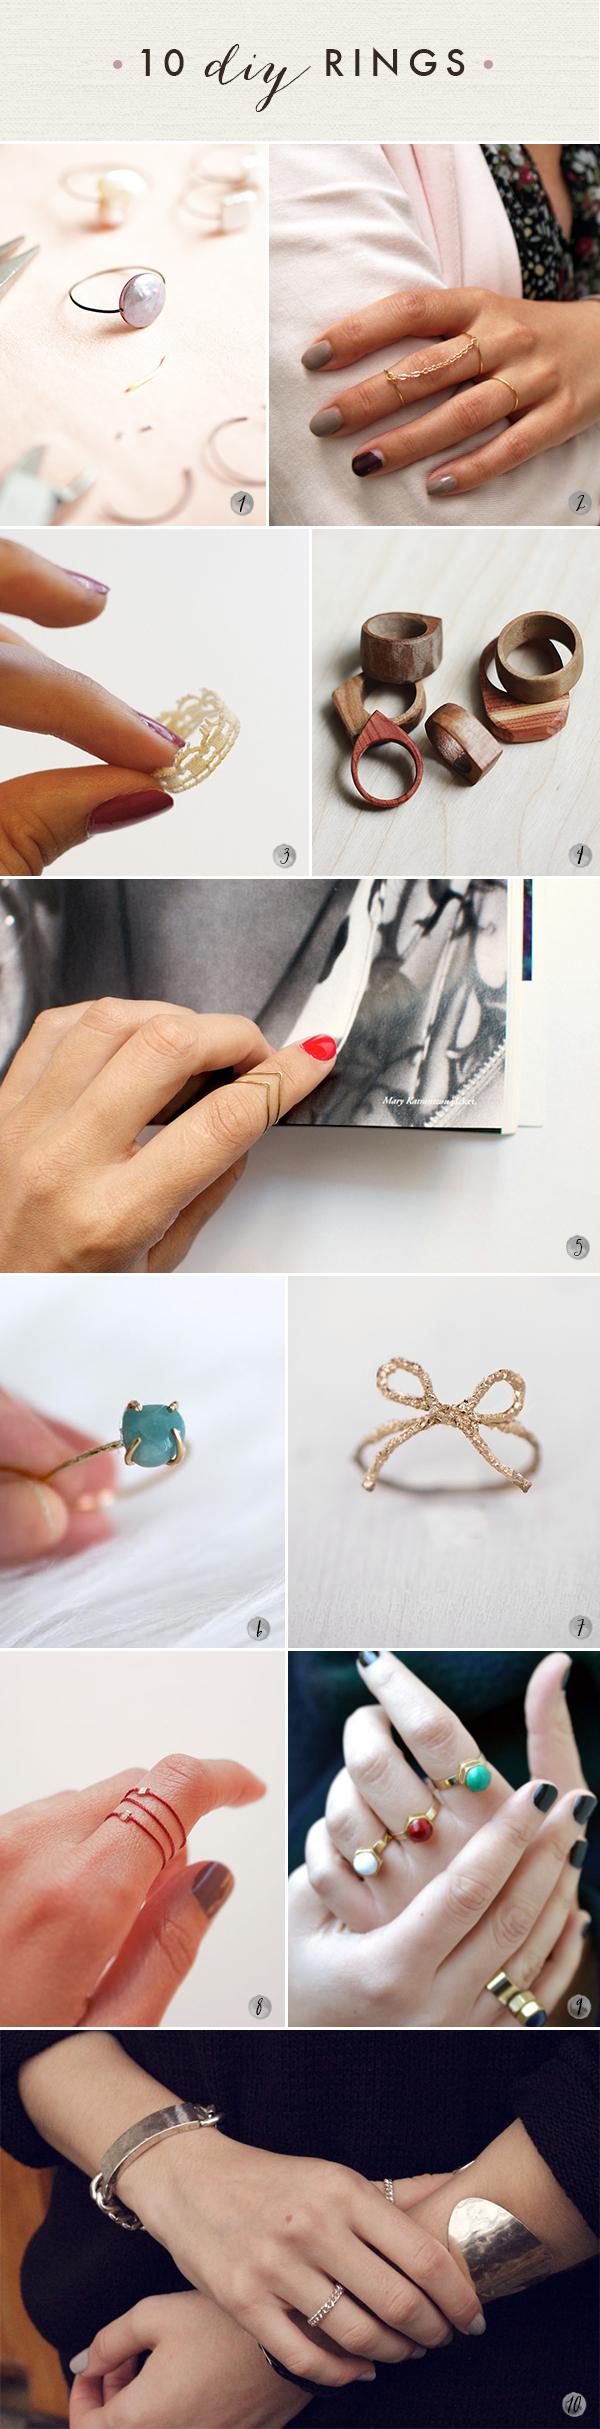 10-diy-rings